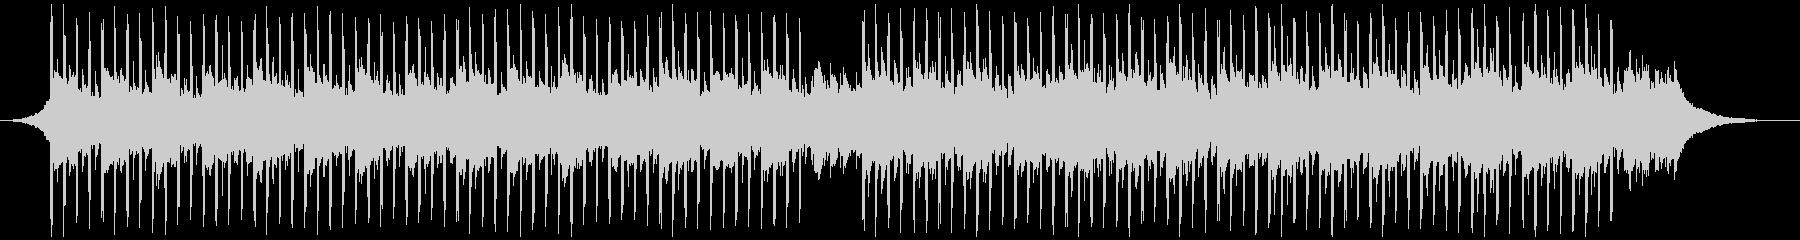 チュートリアルミュージック(中)の未再生の波形